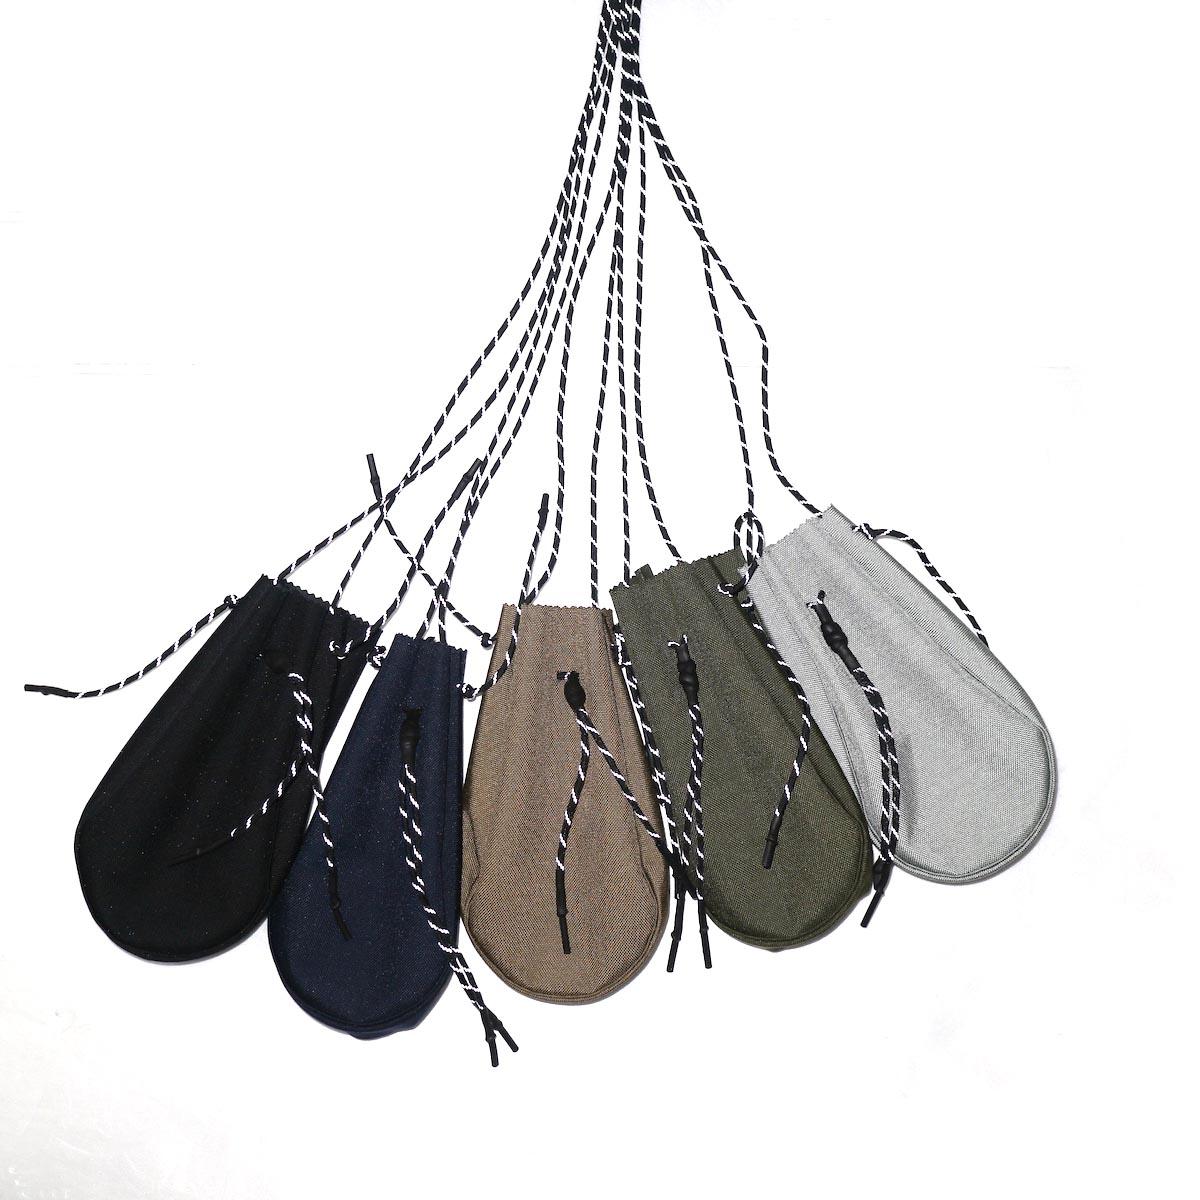 吉岡衣料店 / drawstring bag -S-. リフレクターパラコード